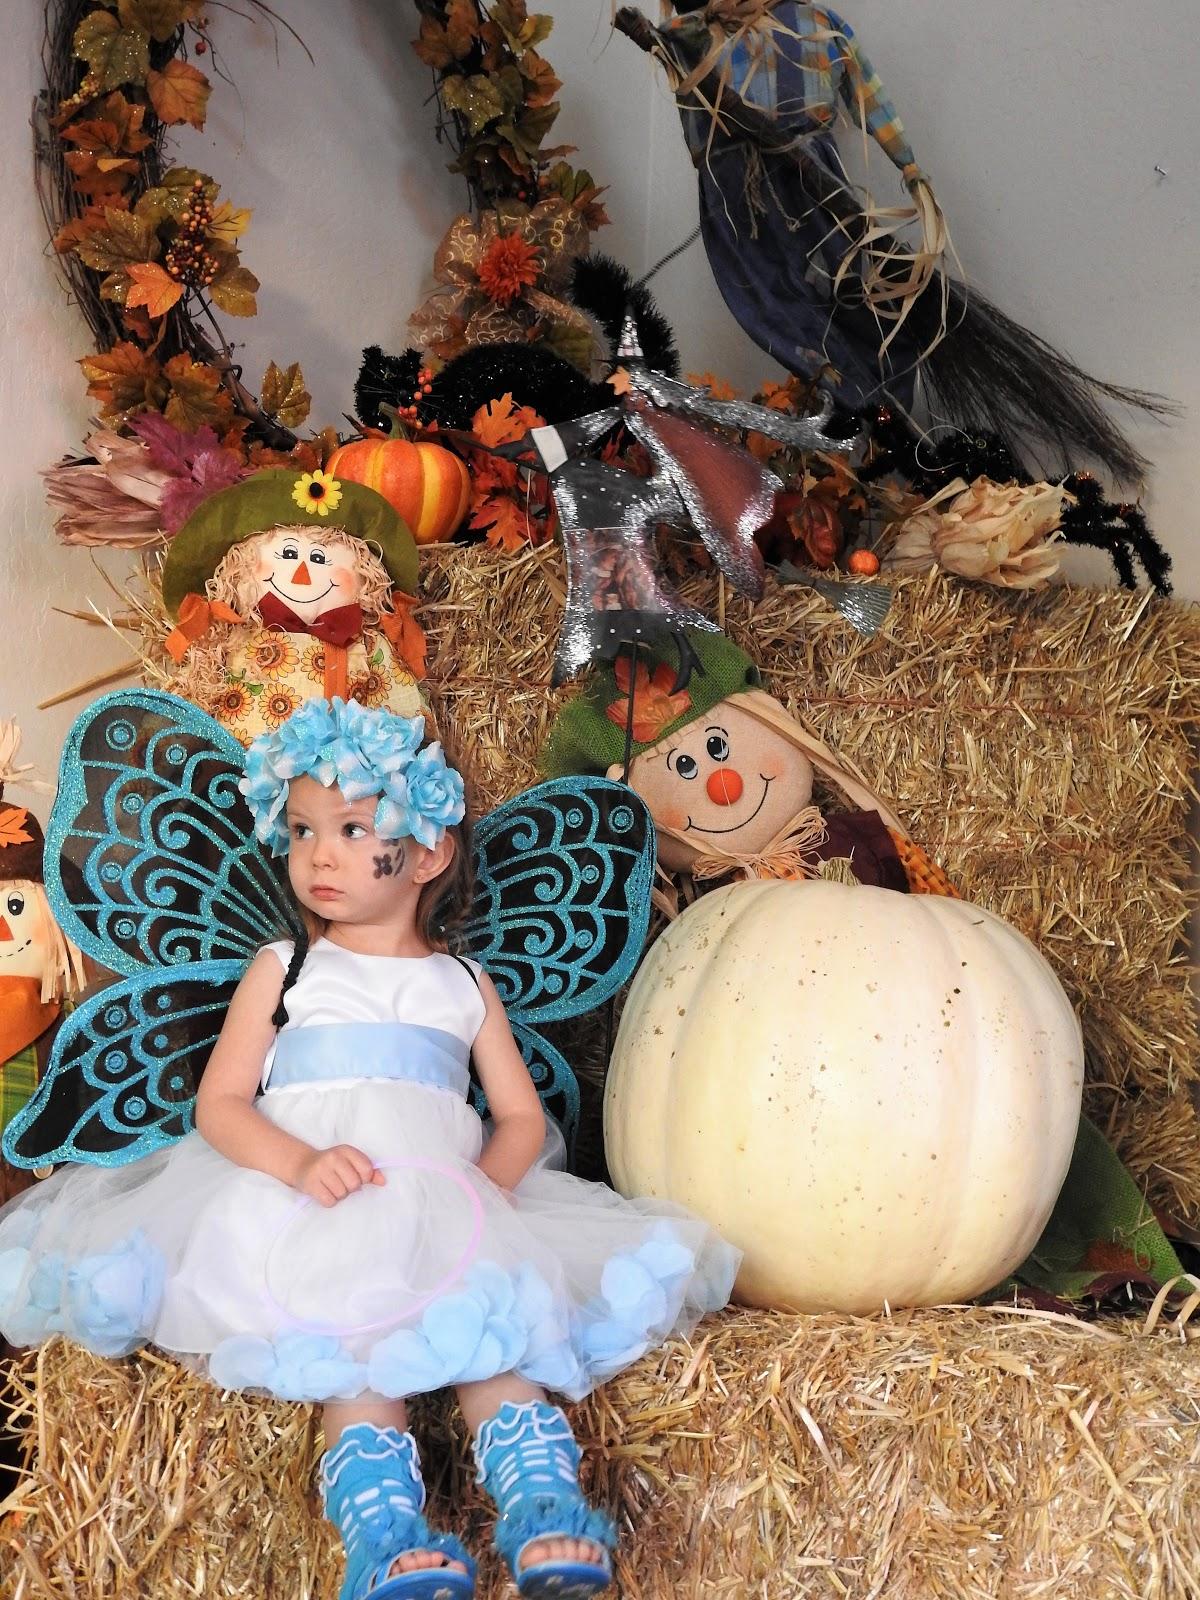 Halloween background decoration